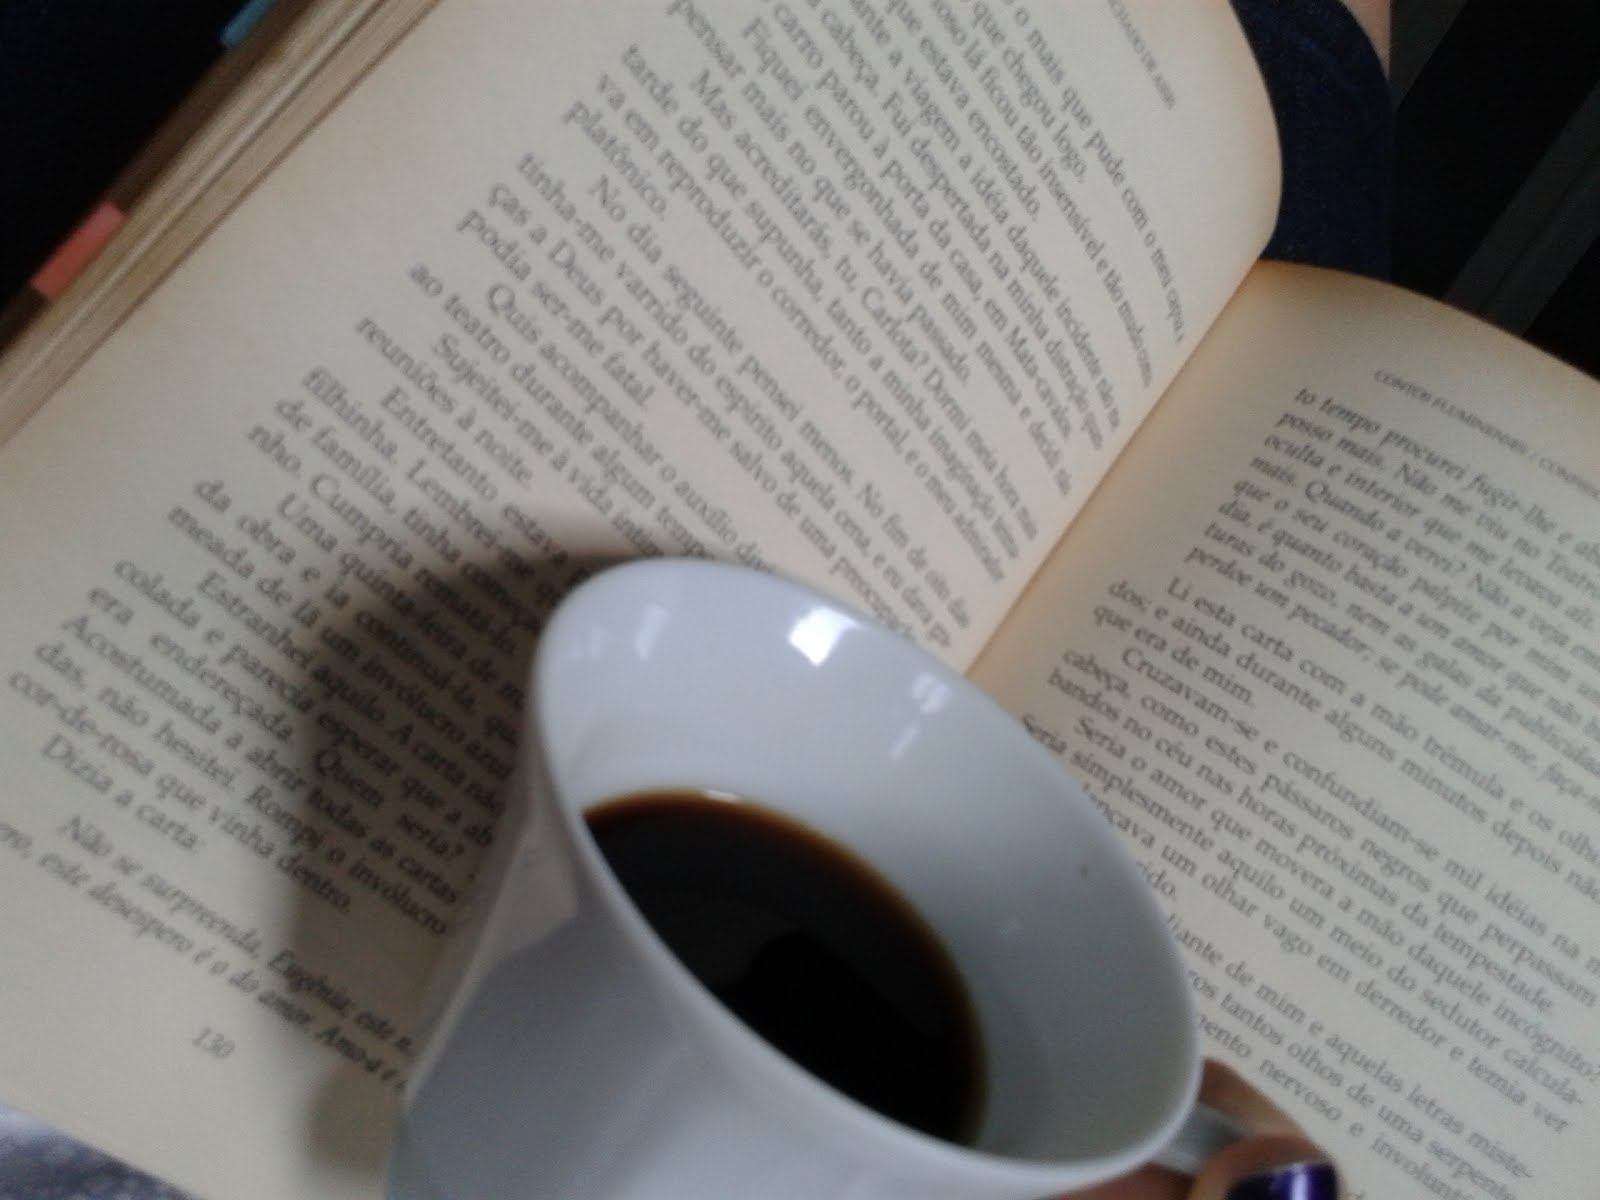 Livro + Café = Alegria